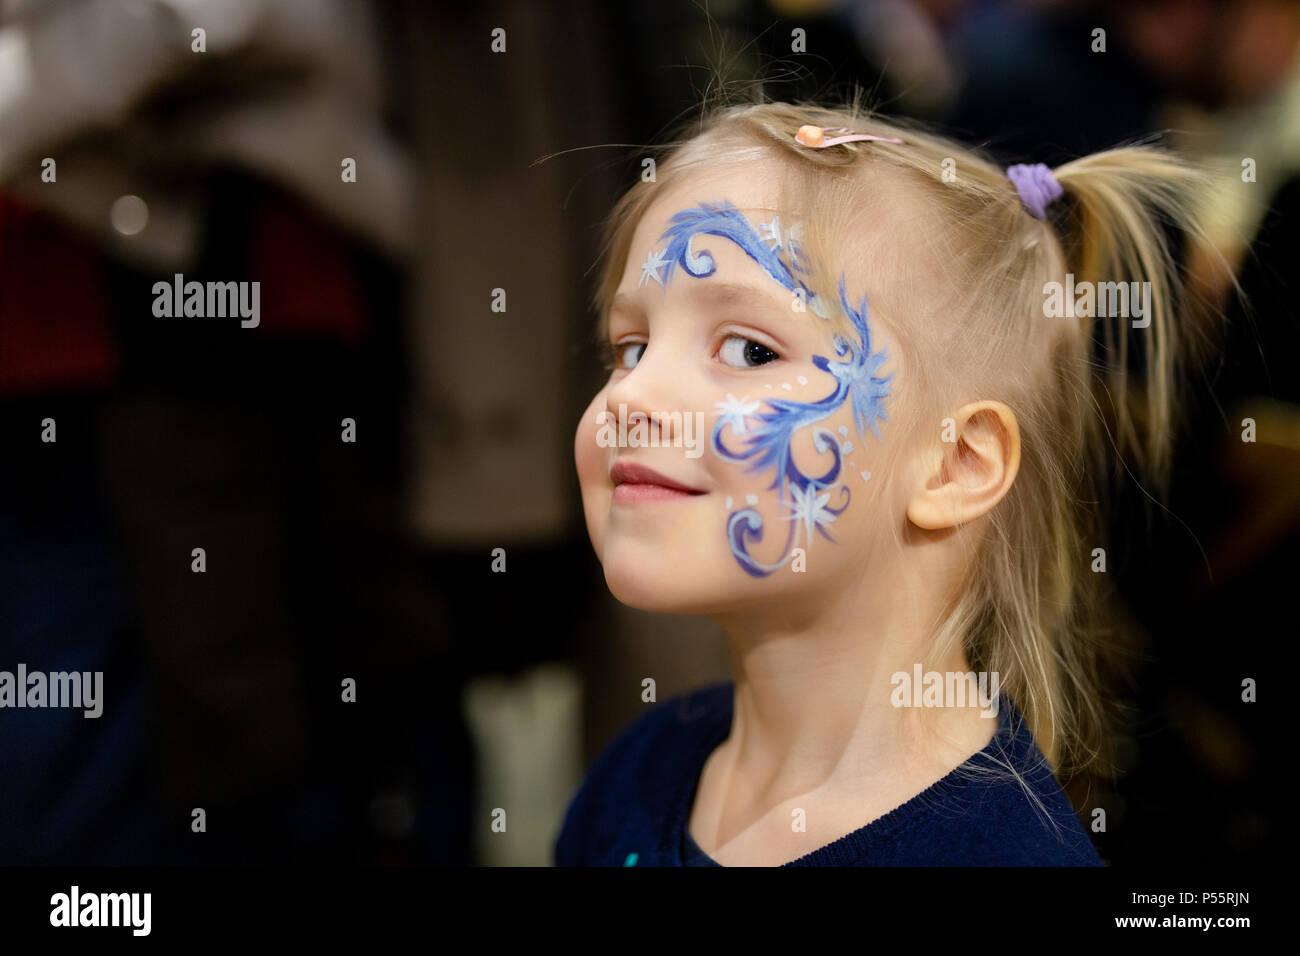 Poco lindo rubia chica con pintura de cara. Abstracto azul patrón de copo de nieve por acuarela sobre niños cara. Adorable niño con coloridos dibujos. Los niños Imagen De Stock